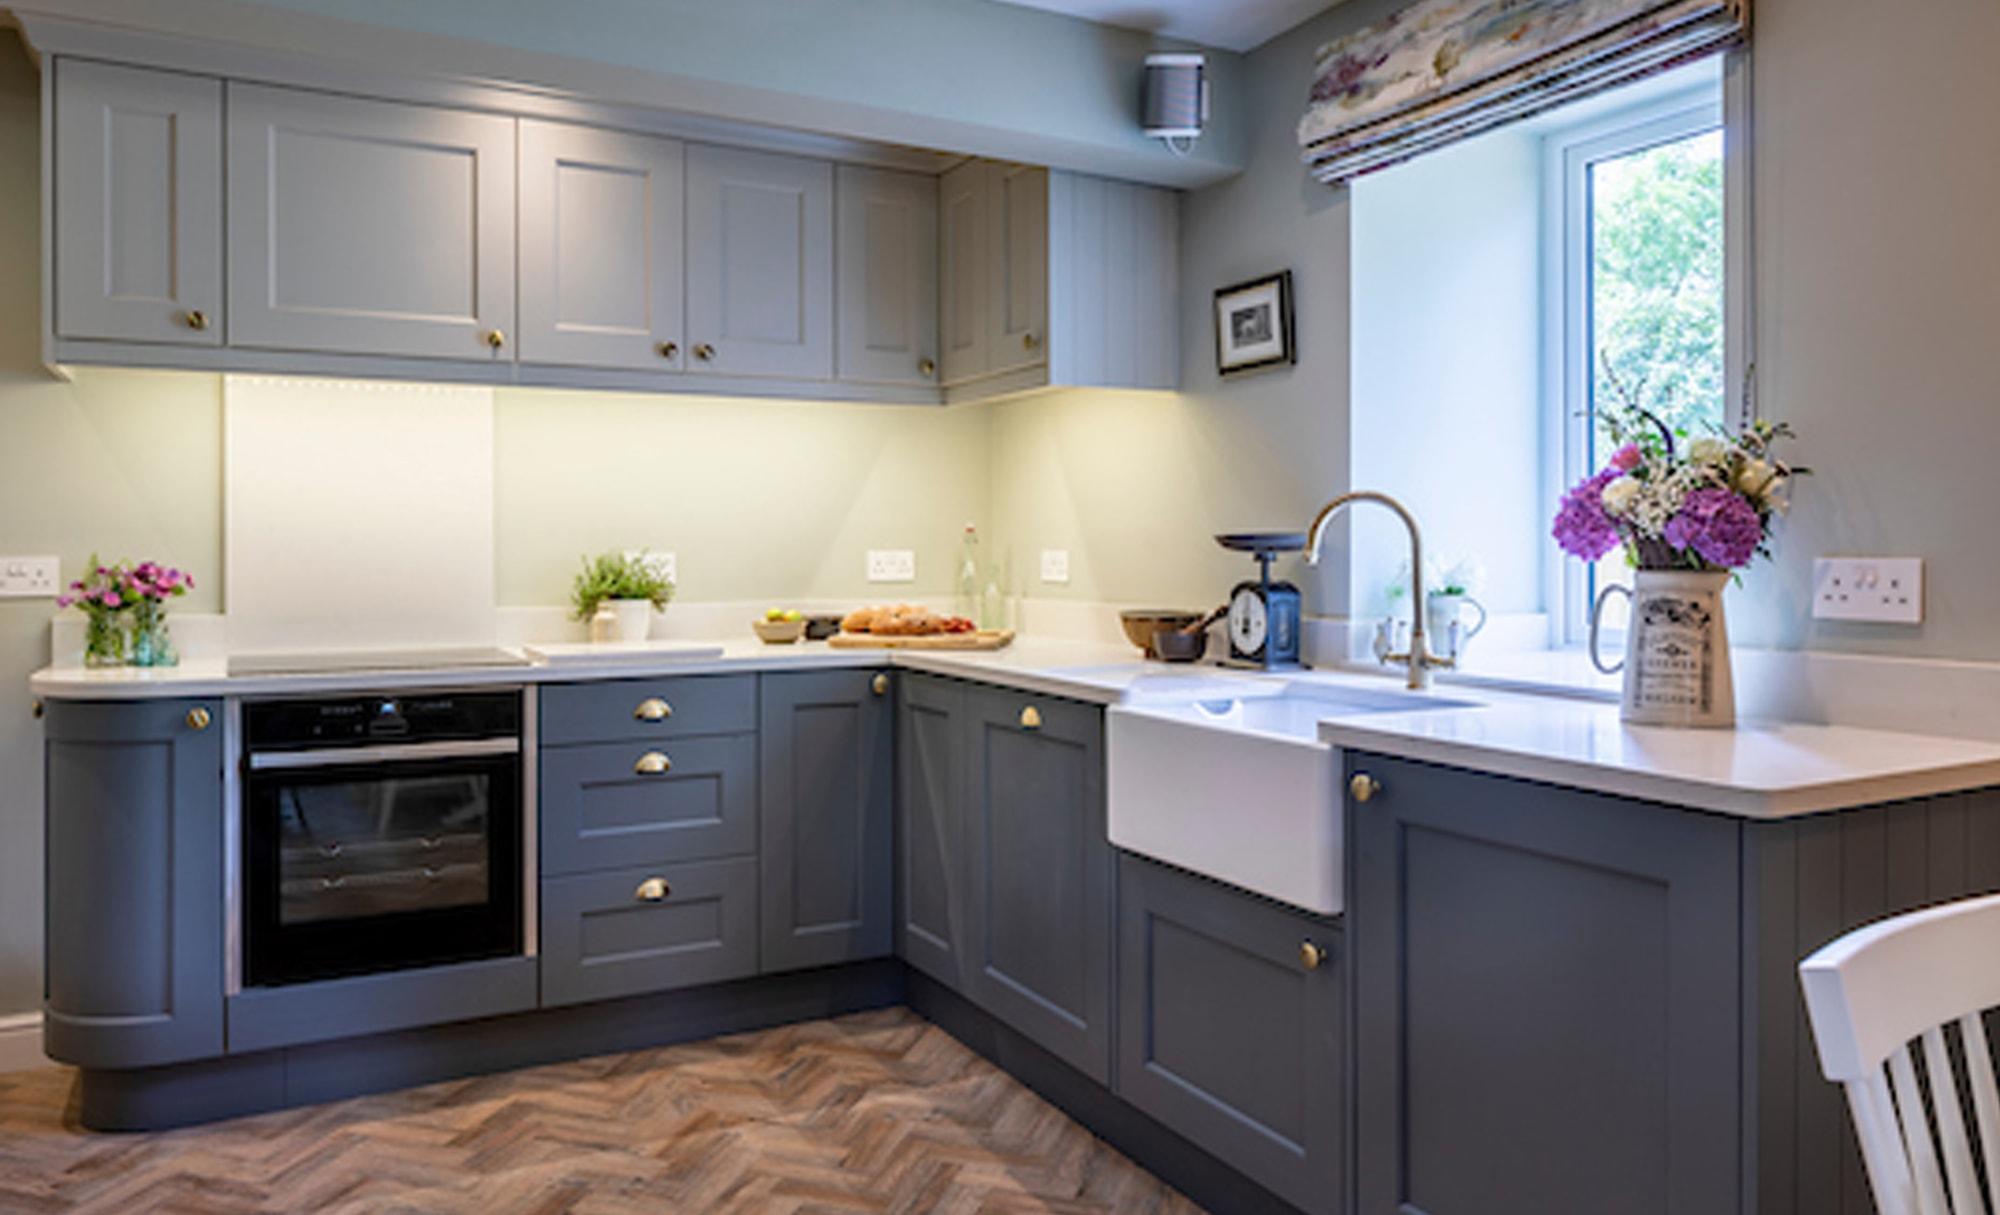 Kinder Kitchens Wakefield Gun Metal Grey & Mussel Kitchen for a home in Derbyshire